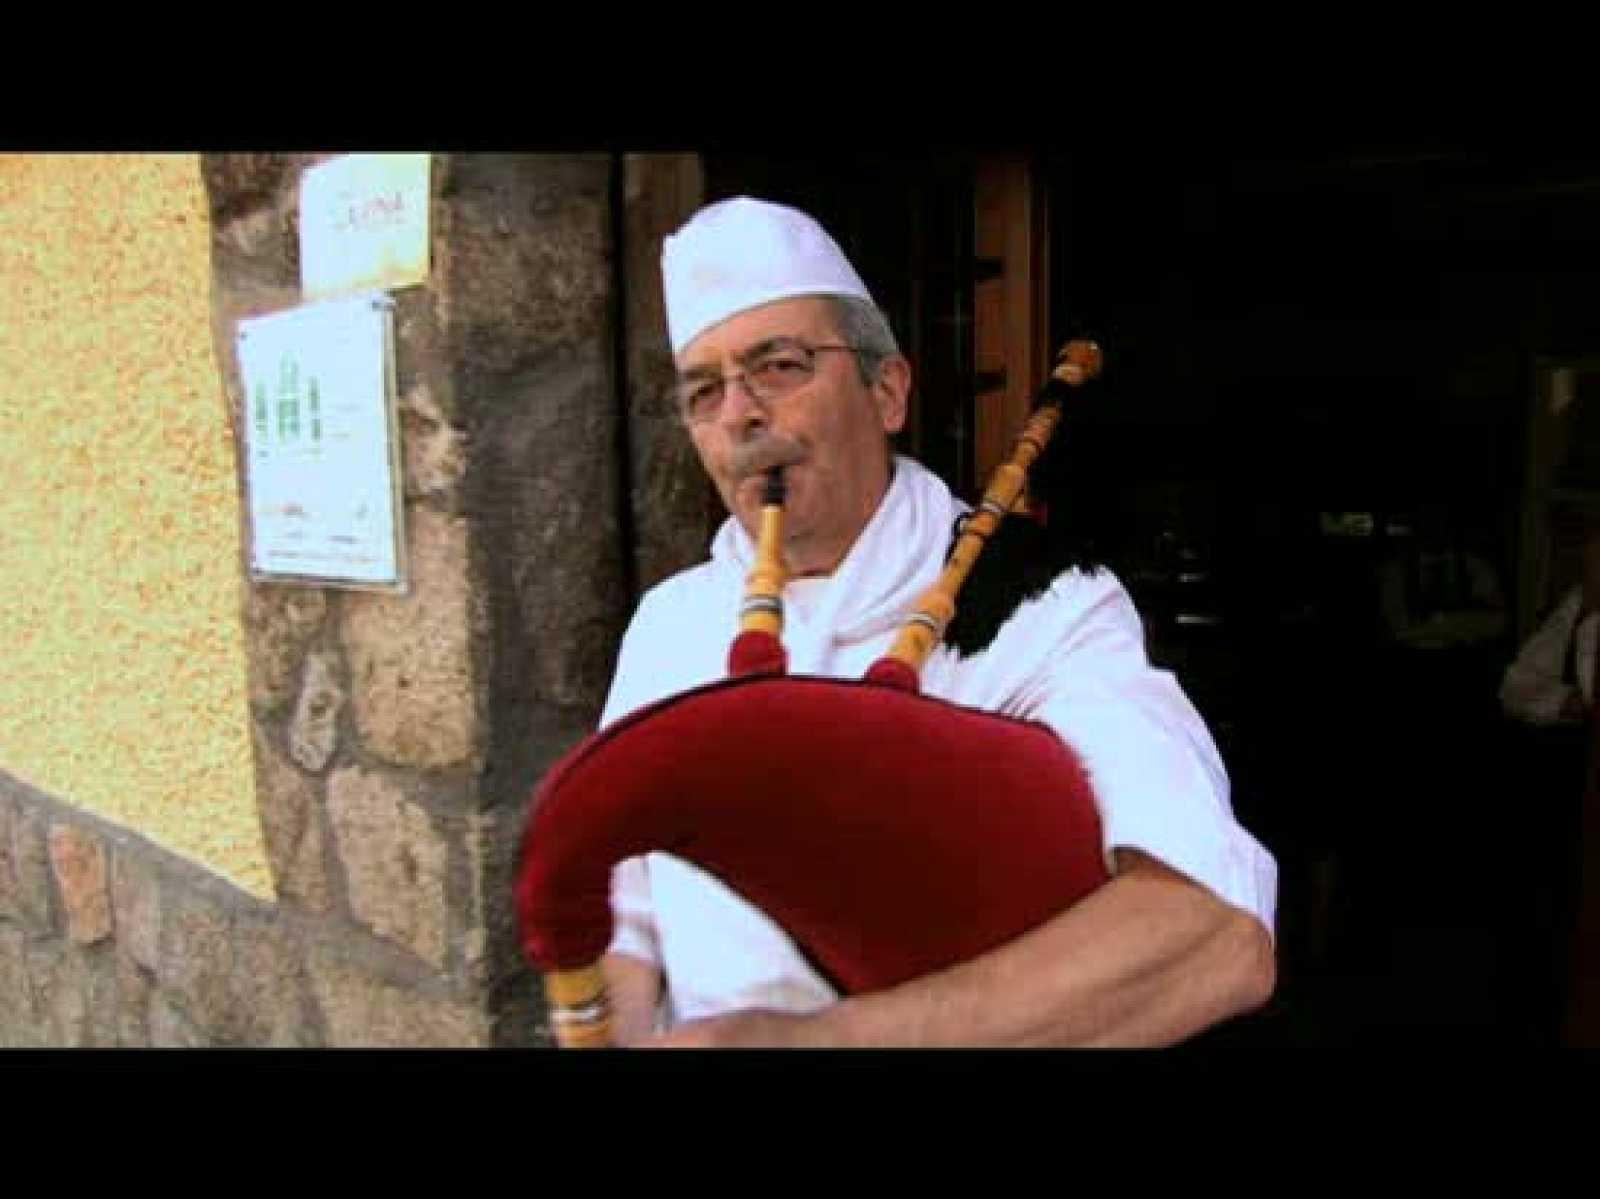 El cocinero de uno de los restaurantes del barrio, rinde homenaje a Ángel Nieto tocando la gaita